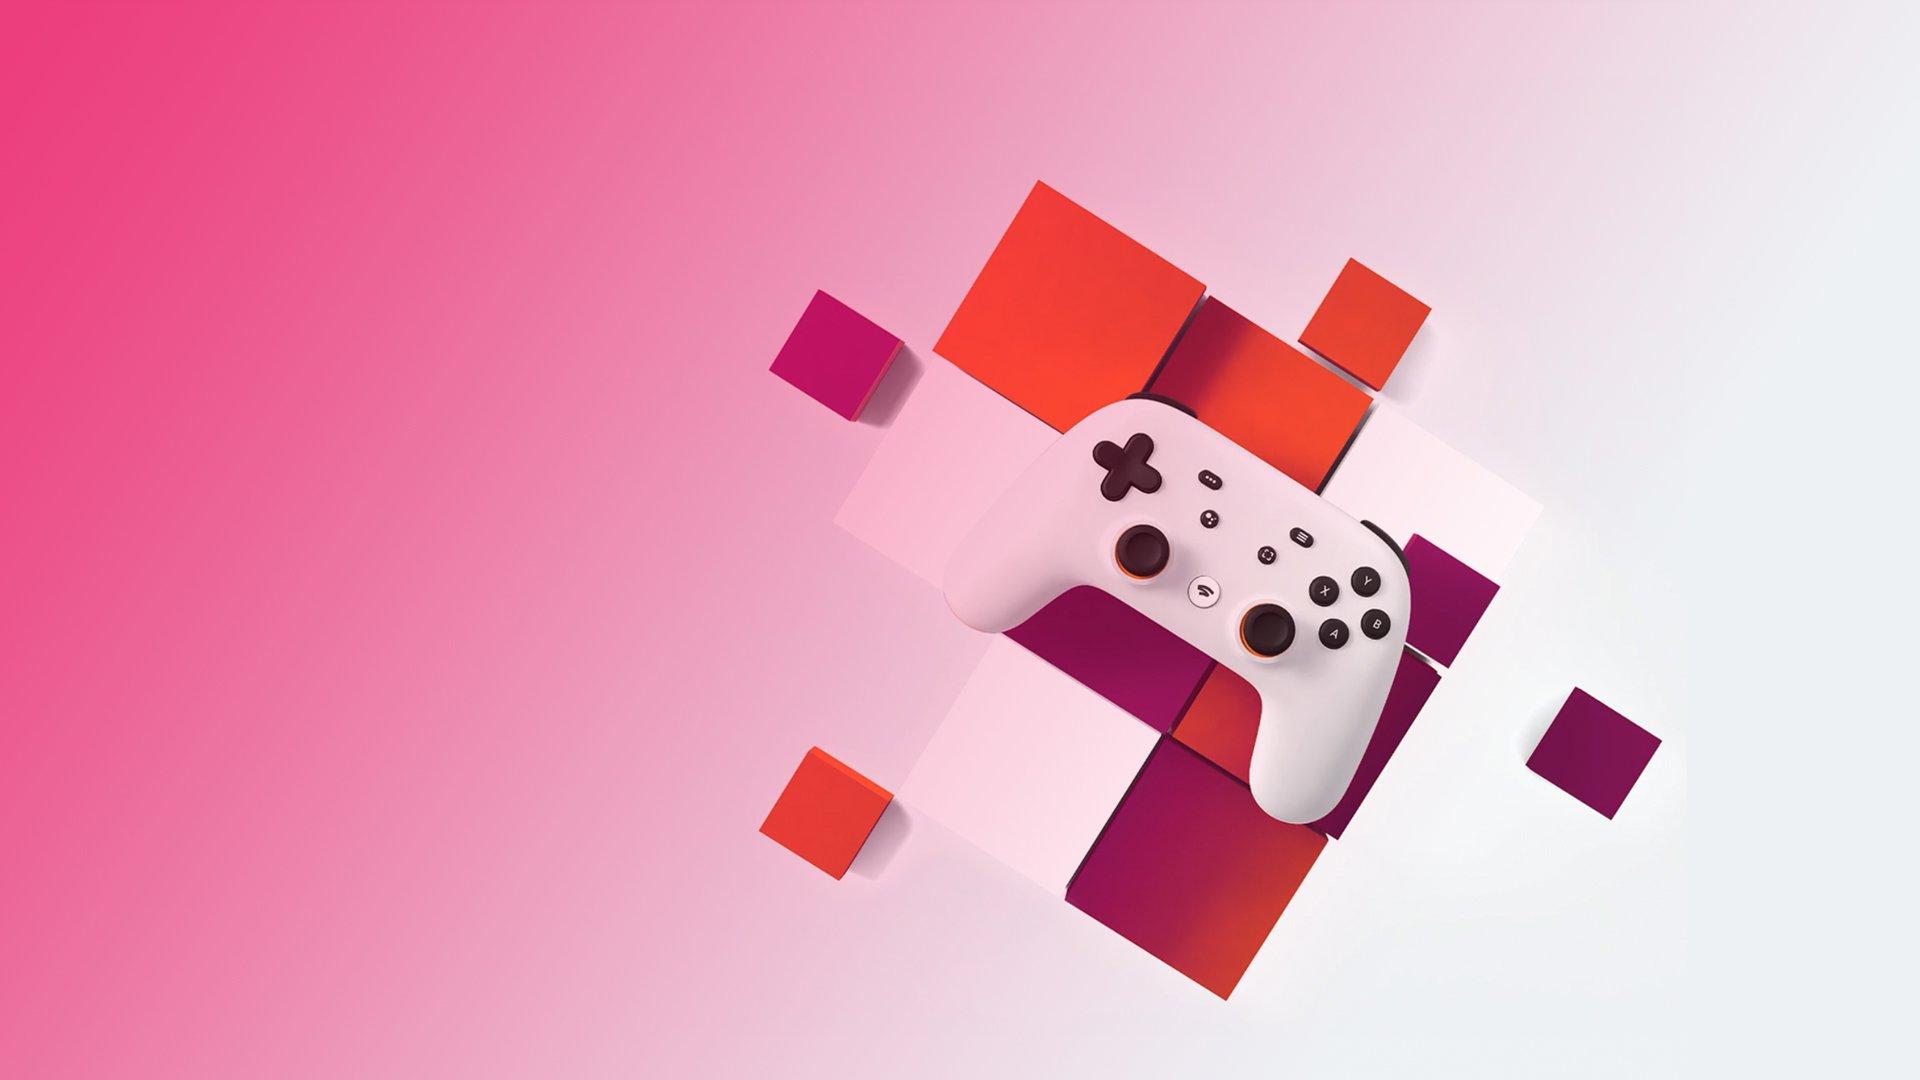 Google Presenta Stadia Come Nuova Piattaforma Per Il Gaming 1 - Hynerd.it